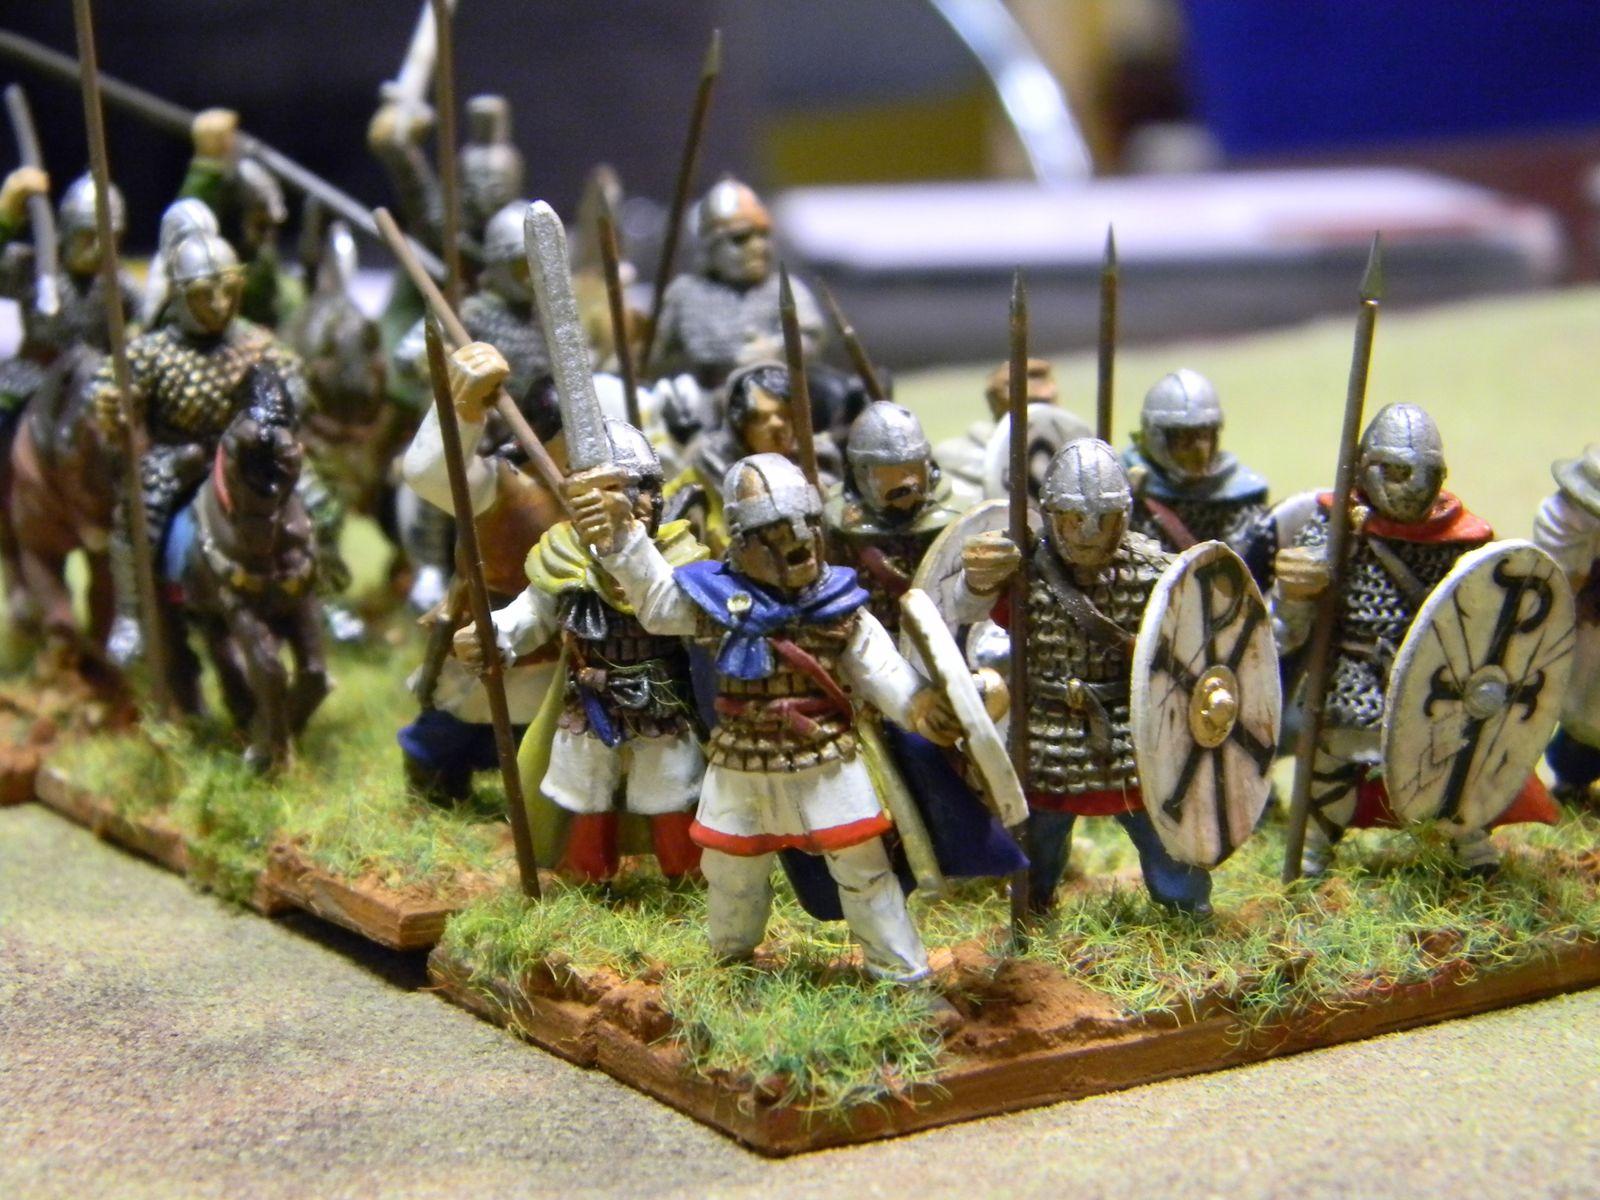 Les bretons se déploient. L'avant-garde de soldats professionnels essaye de faire bonne figure, et de cacher le fait que l'essentiel de l'armée est composée de paysans terrorisés.